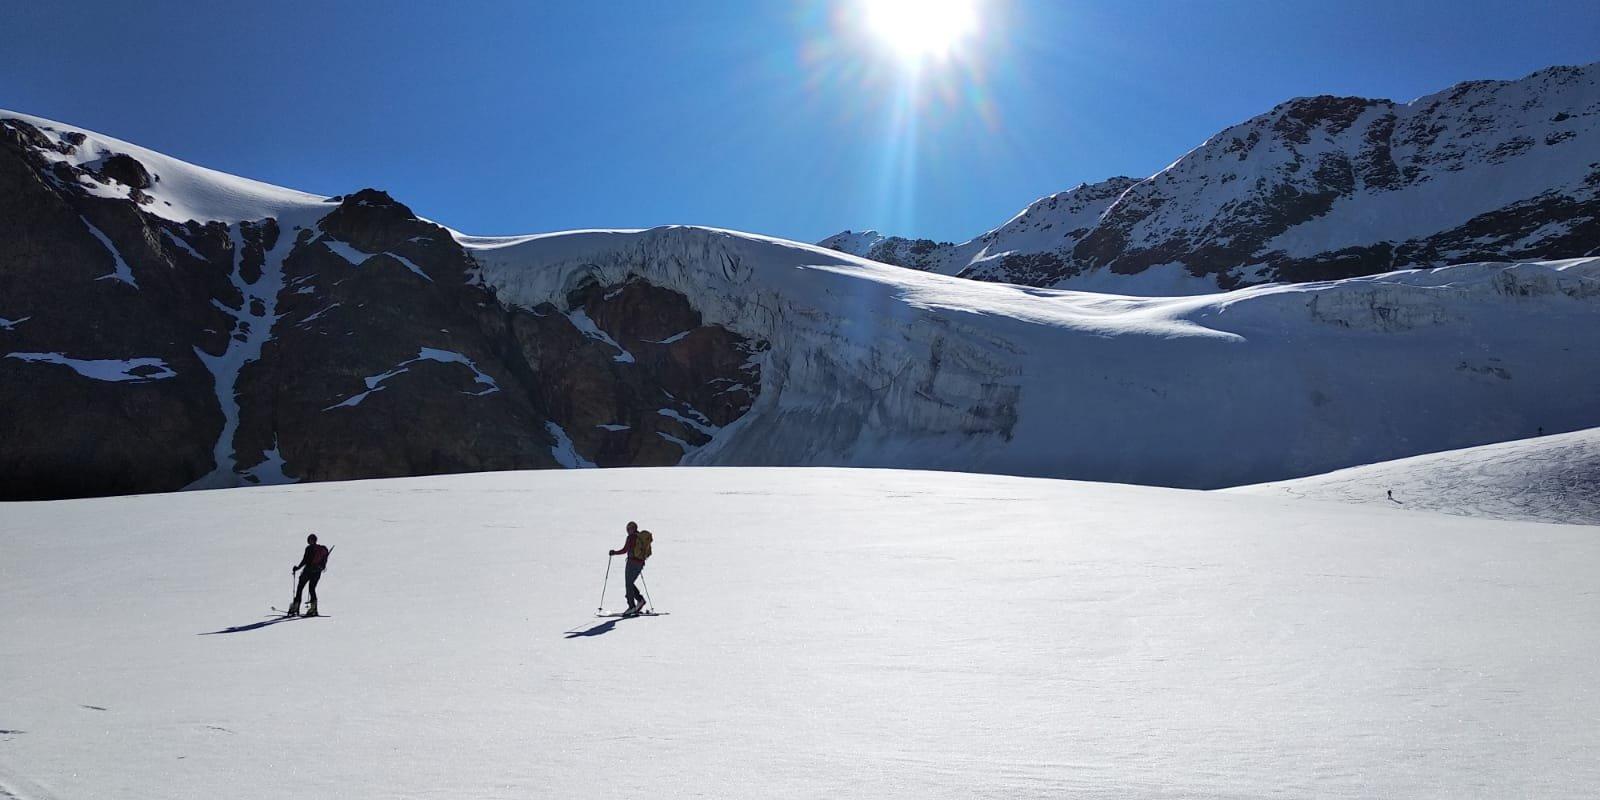 sul ghiacciaio con vista seracchi sopra cui passa il percorso per il S.Matteo